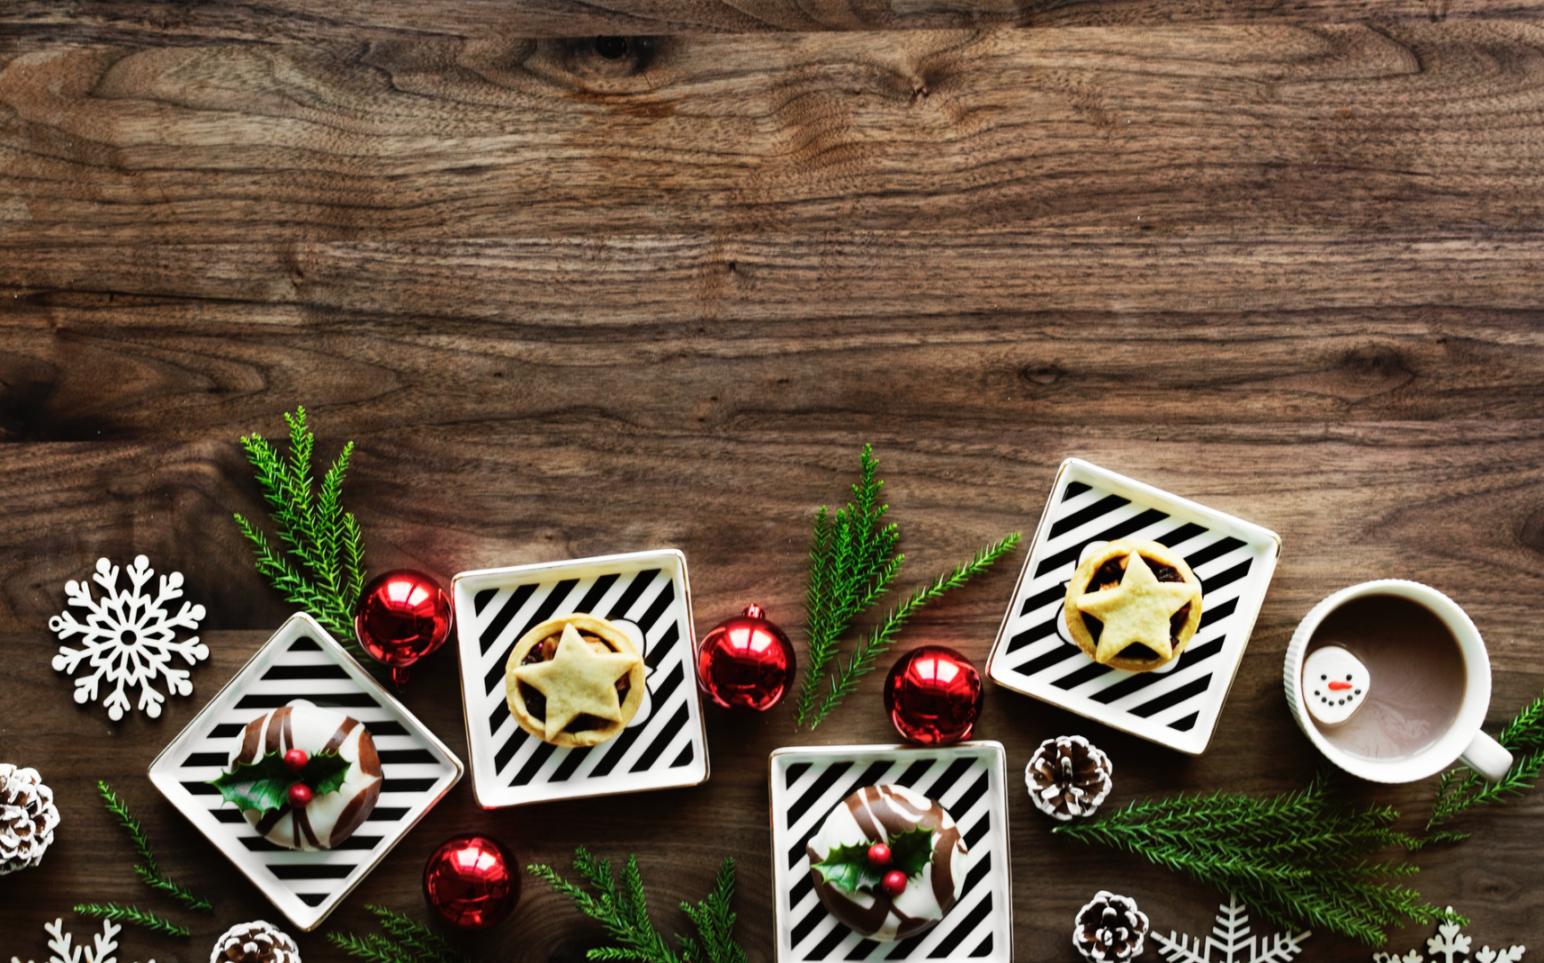 Biscuits et thé de Noël sur une table de bois